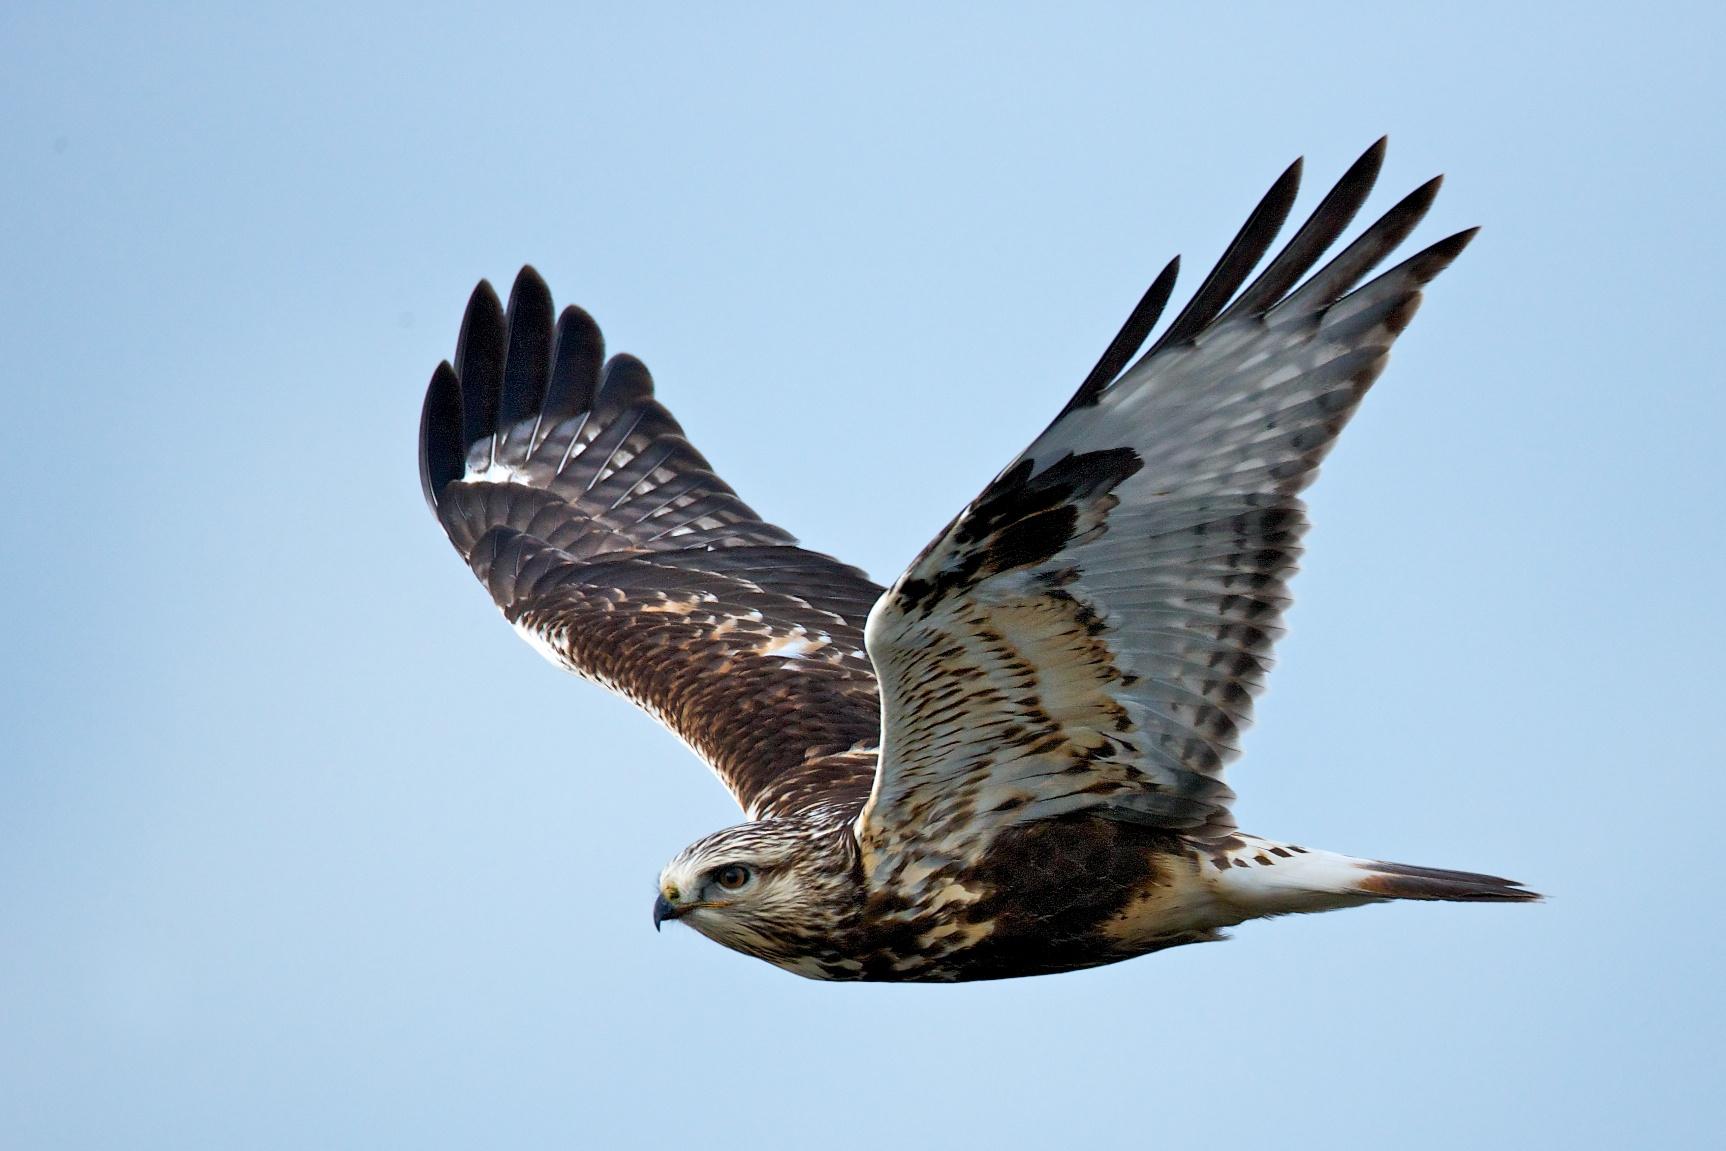 sandpiper bird flying